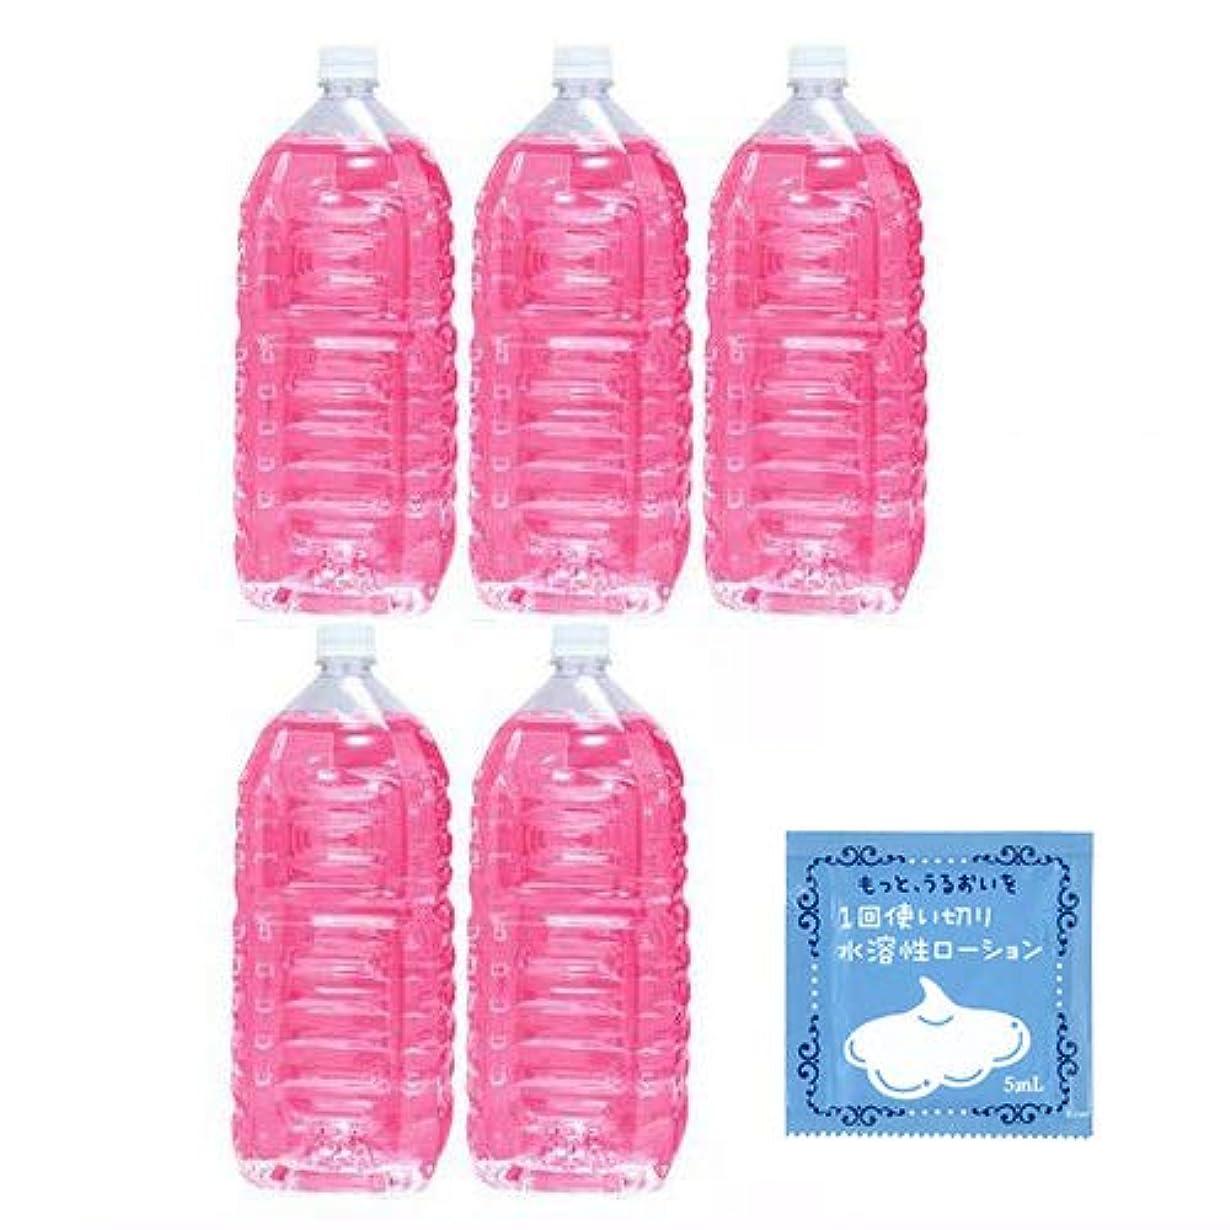 散らす反対にシガレットピンクローション 2Lペットボトル ハードタイプ(5倍濃縮原液)業務用ローション ×5本セット + 1回使い切り水溶性潤滑ローション